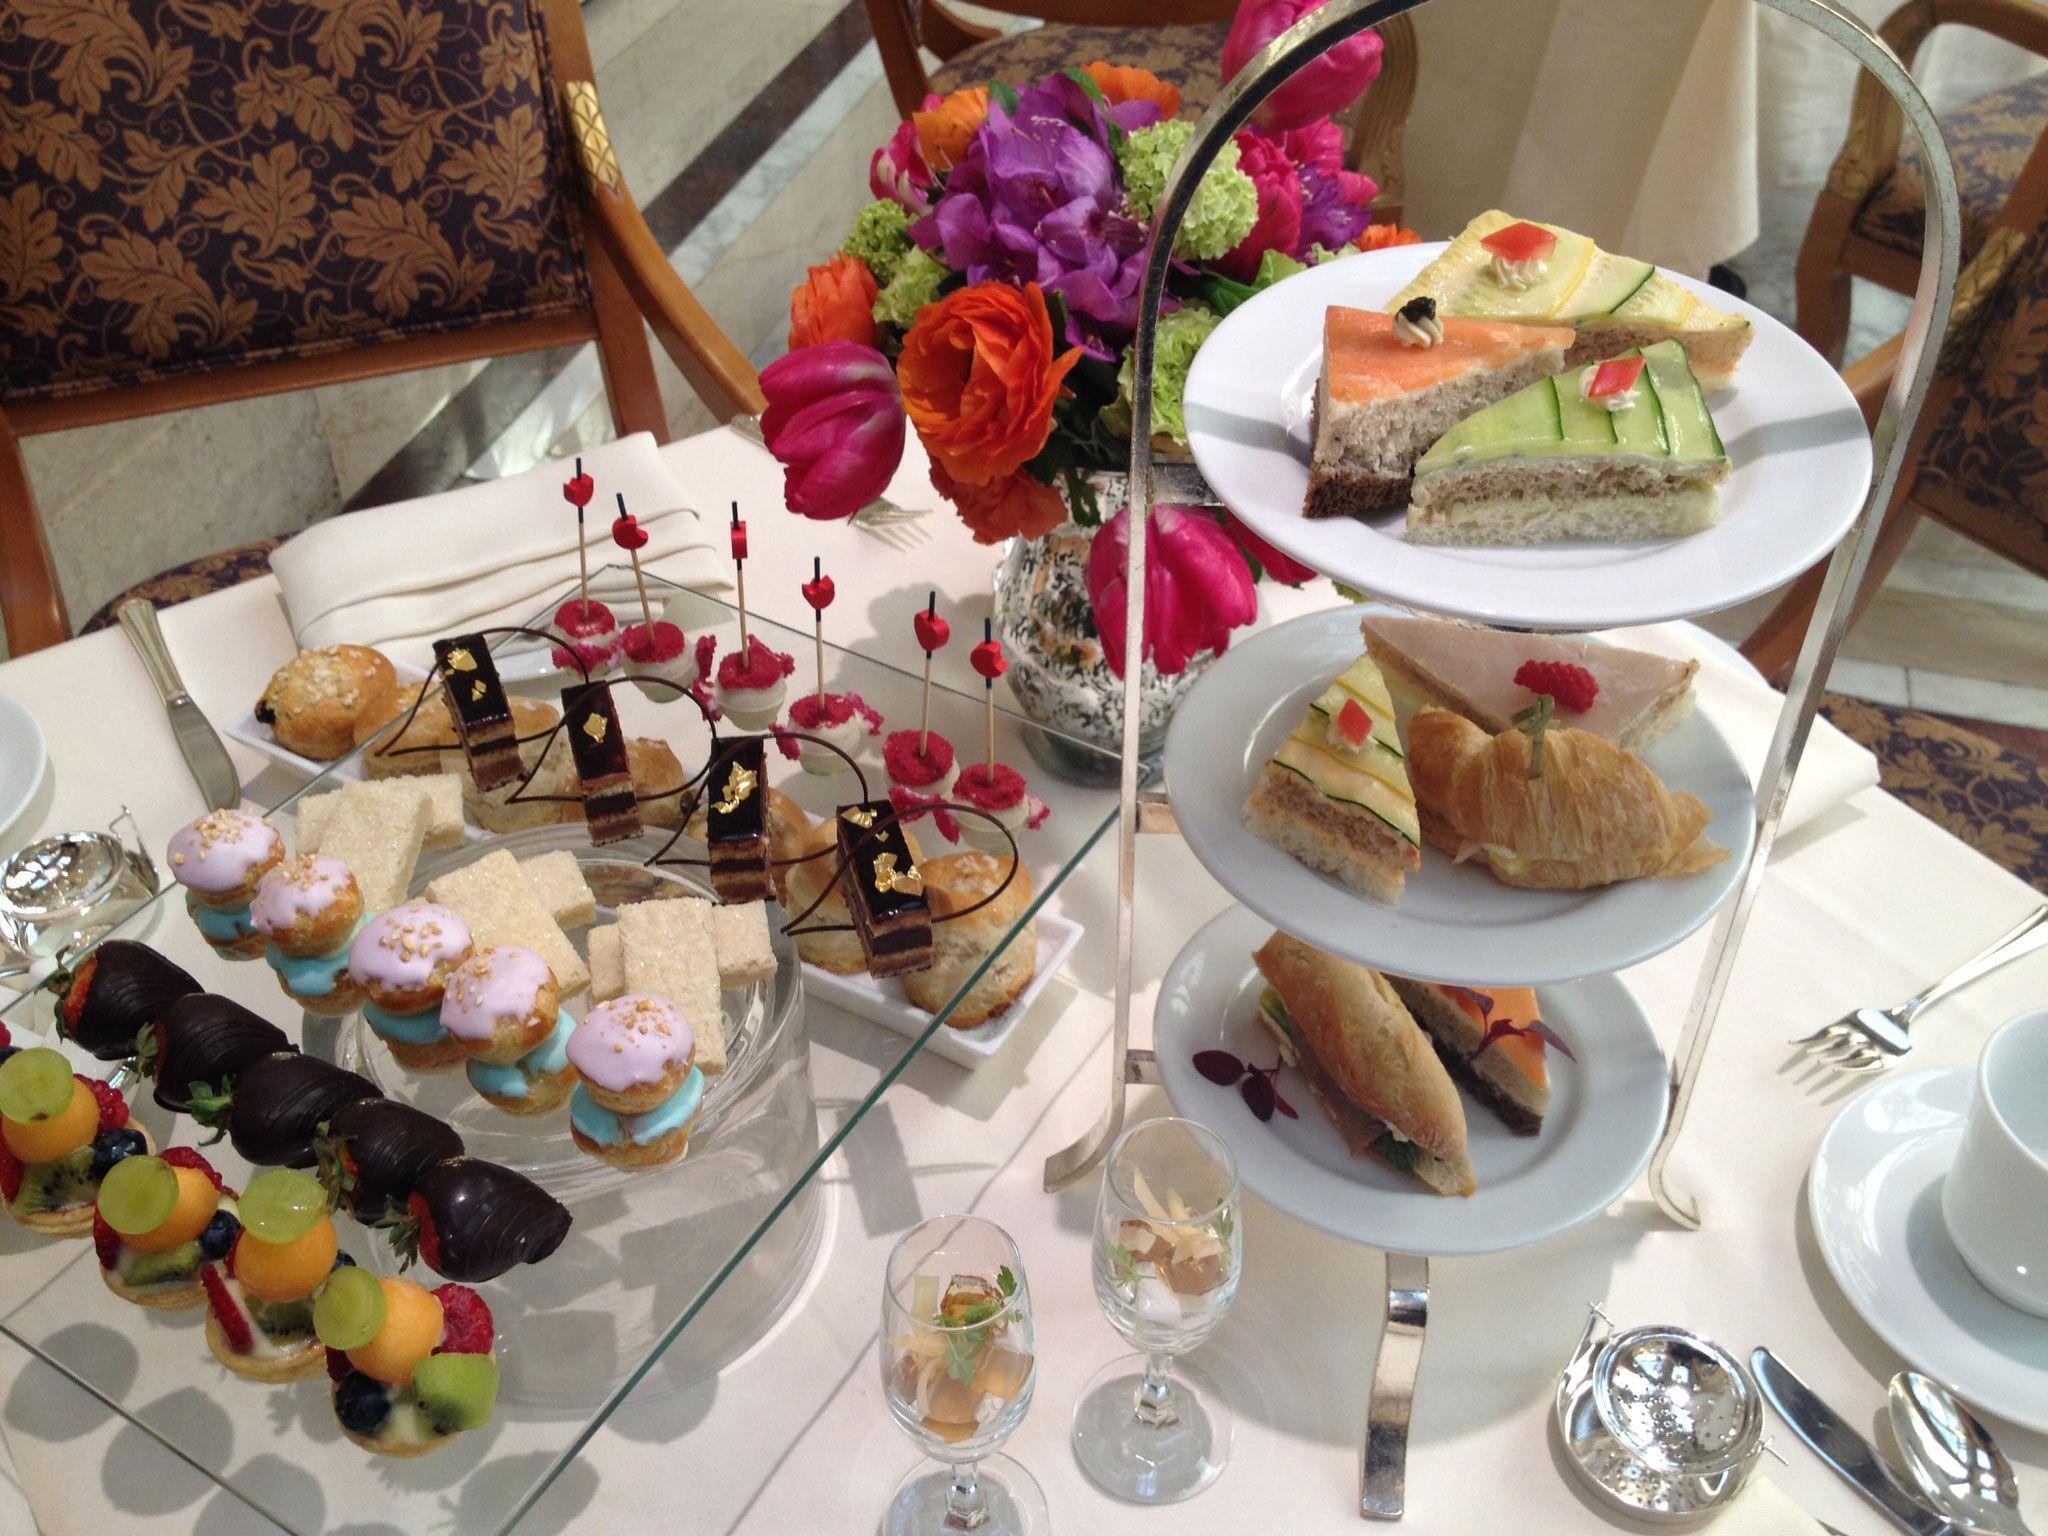 The Best Hotel Tea Services Tea Time Food Tea Service High Tea